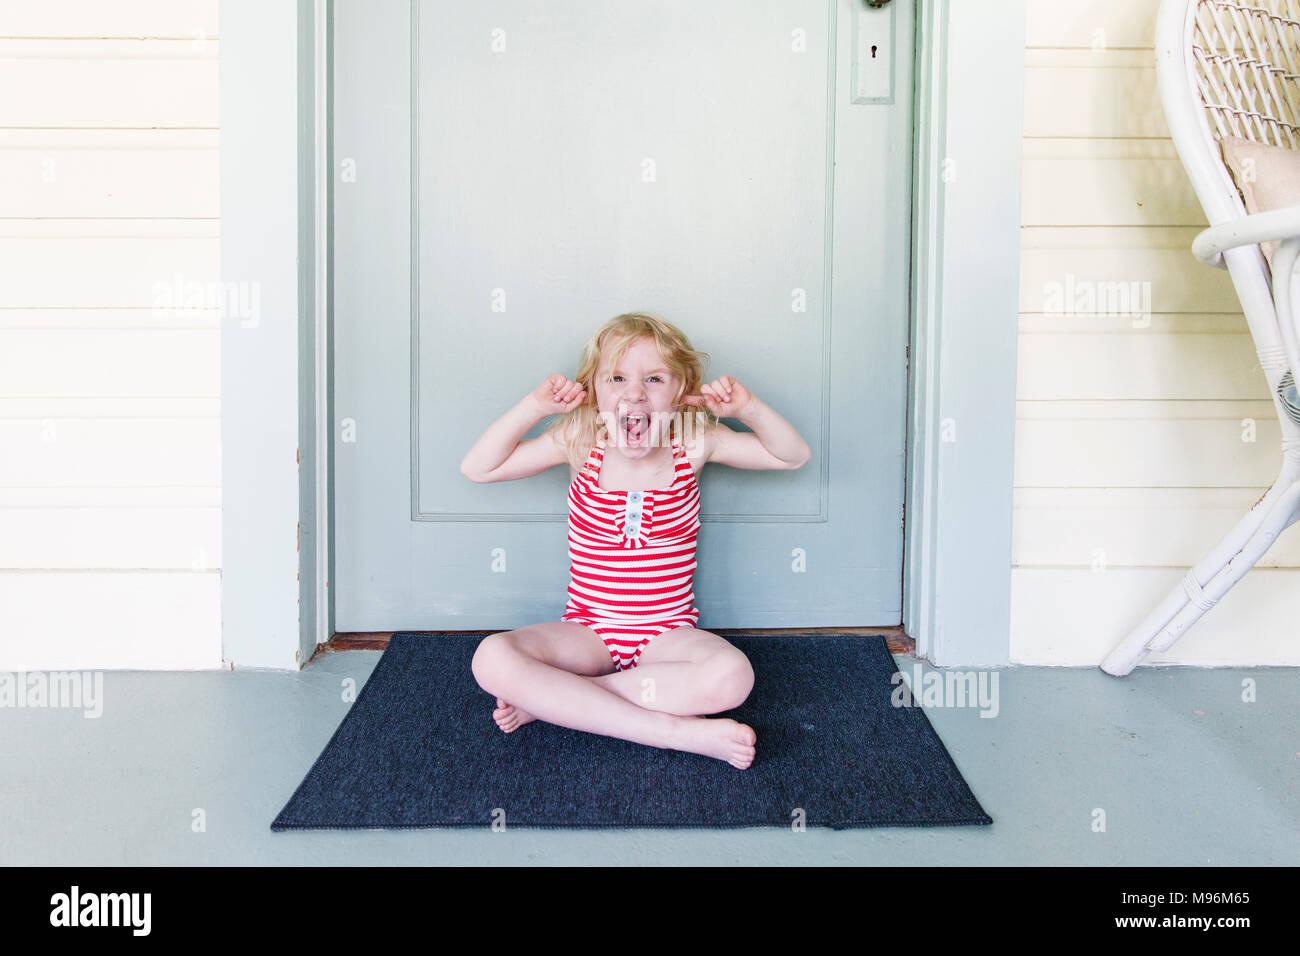 Chica tirando se enfrenta a la parte exterior de la puerta Imagen De Stock